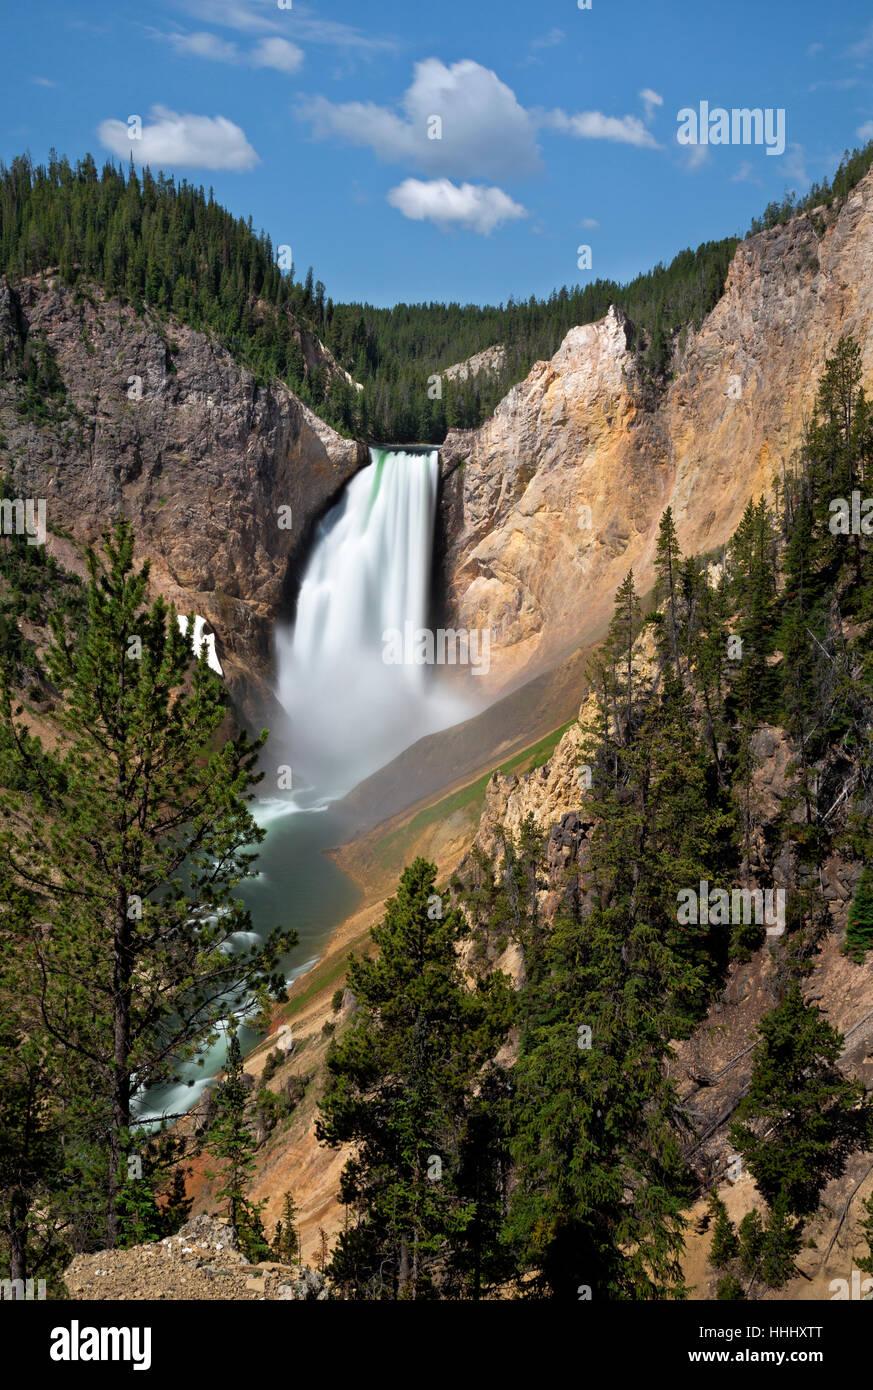 WY02098-00...Washington - Le cascate Inferiori nel Grand Canyon di Yellowstone Fiume nel Parco Nazionale di Yellowstone. Immagini Stock